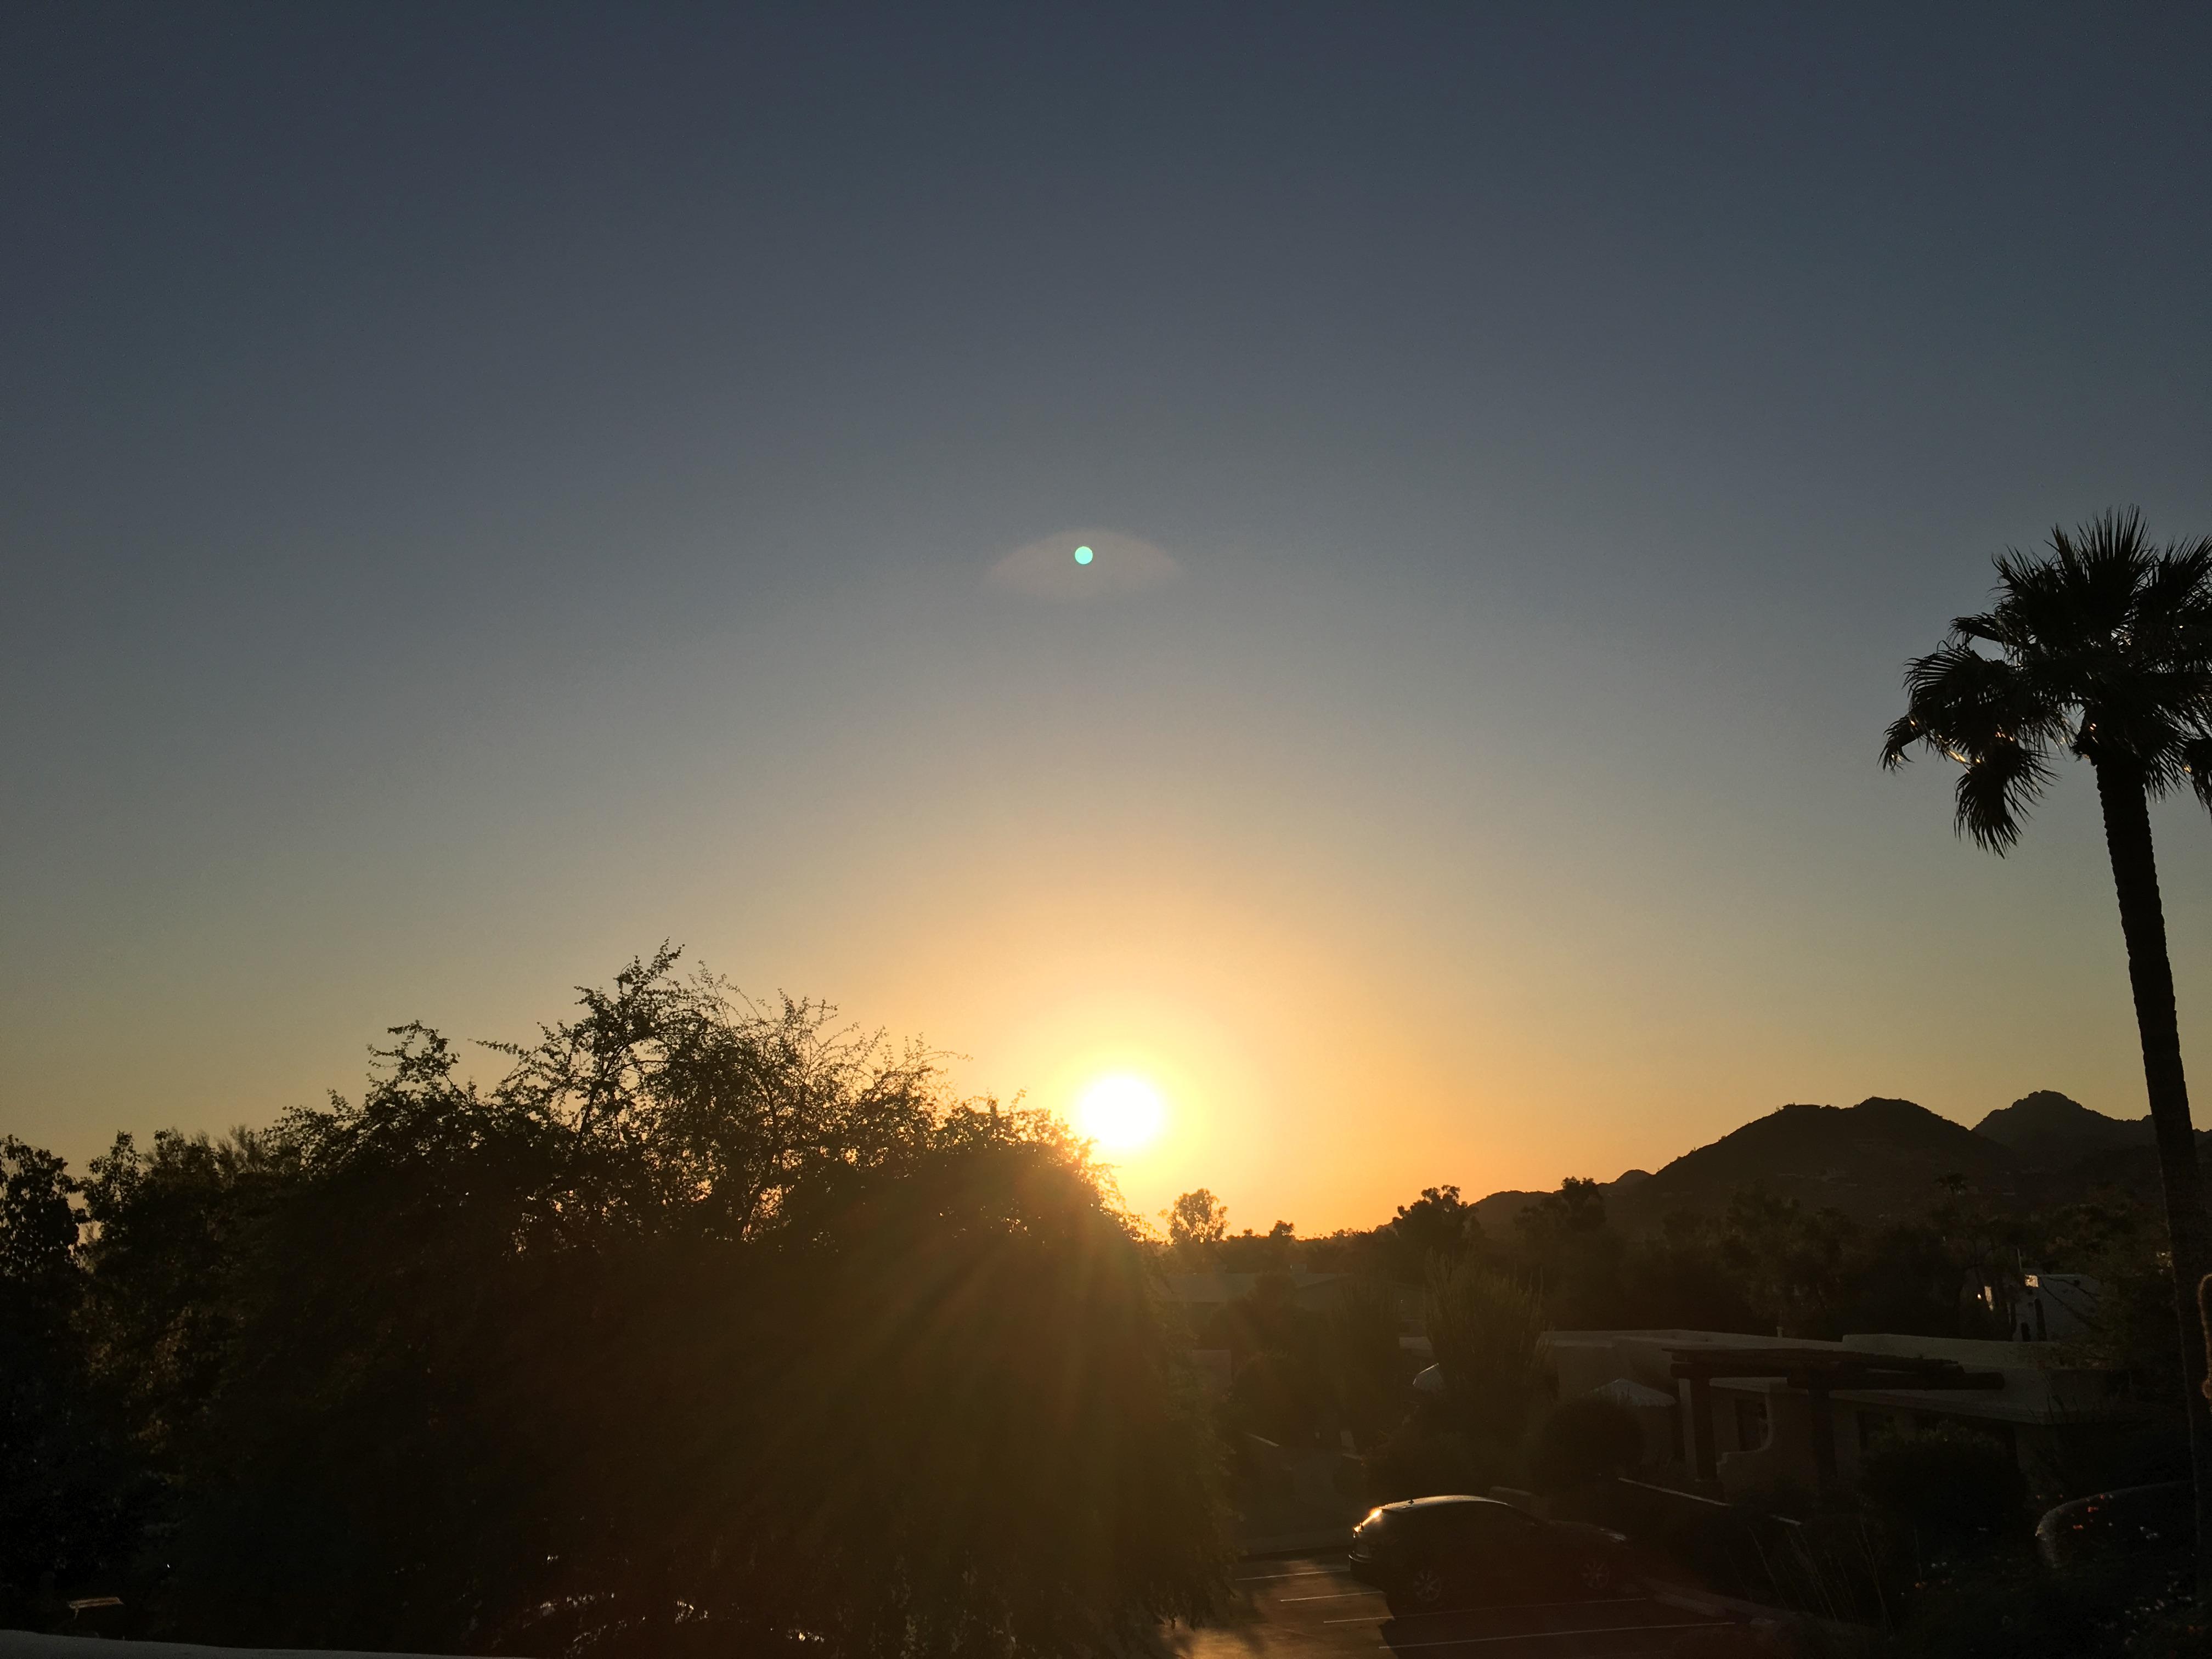 Scottsdale, Arizona (United States)